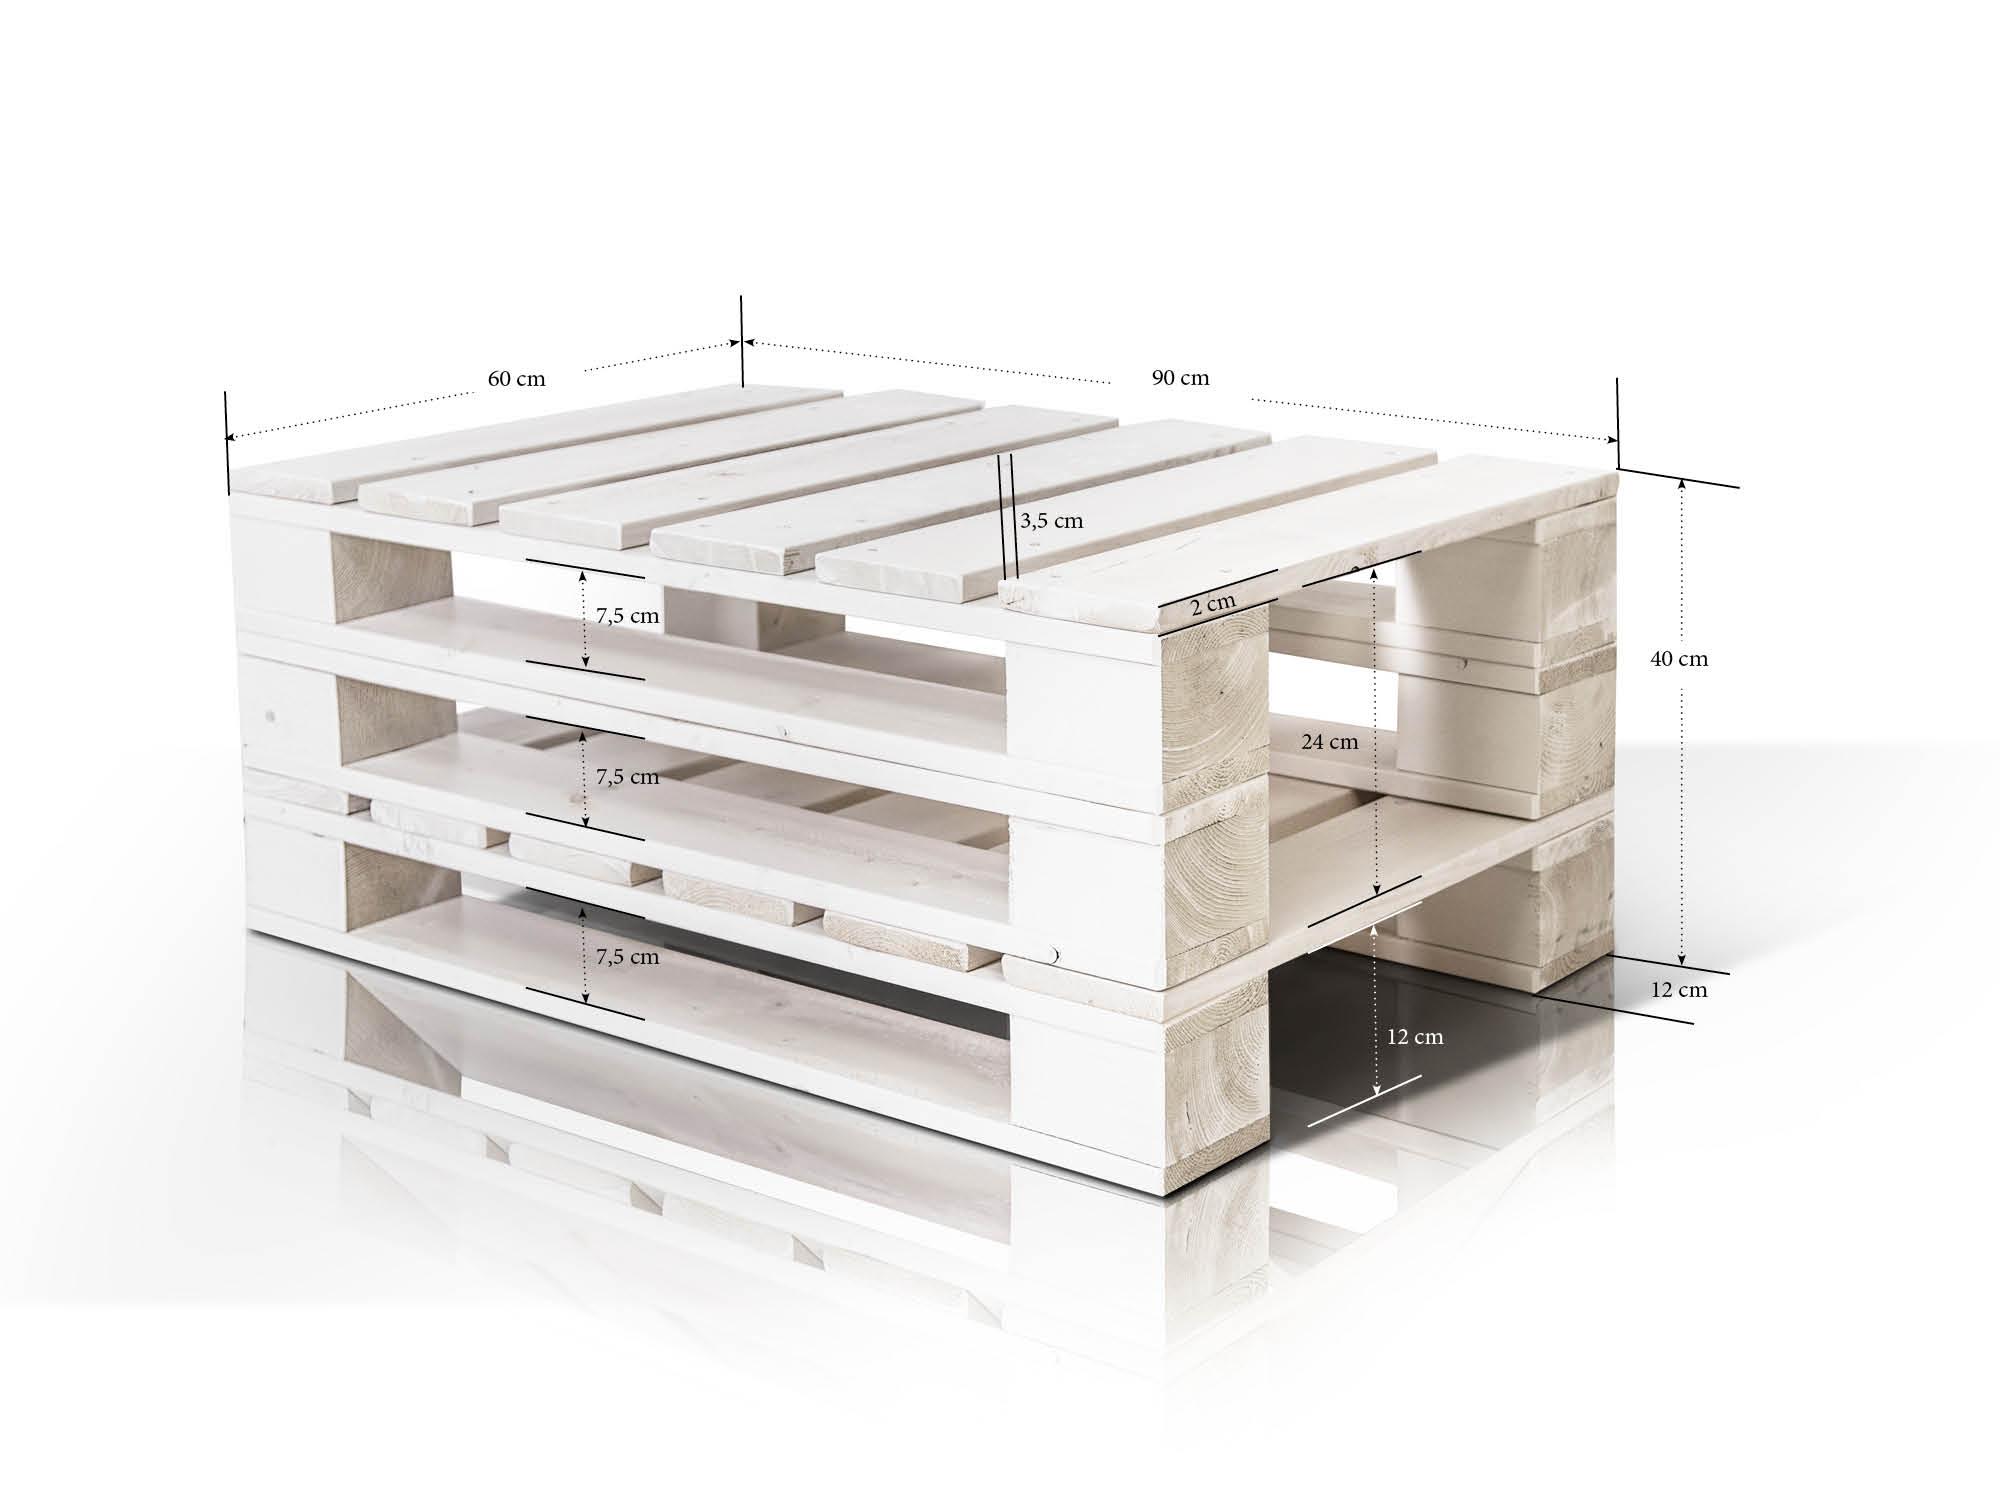 paletti couchtisch iii aus paletten 60x90 cm weiss lackiert. Black Bedroom Furniture Sets. Home Design Ideas